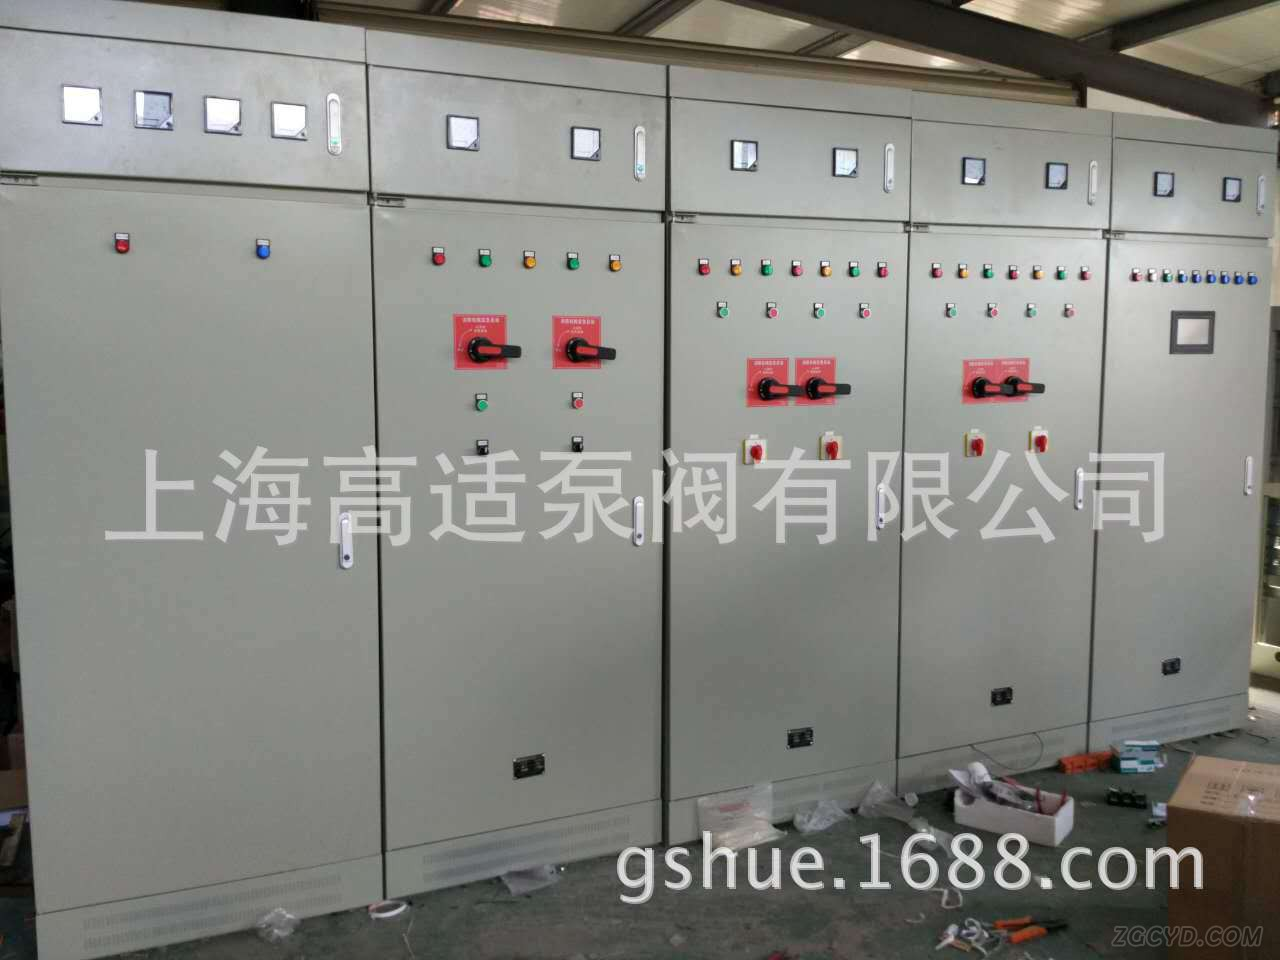 消防自动巡检柜 又称:消防智能数字巡检装置 目的:防止消防水泵锈蚀